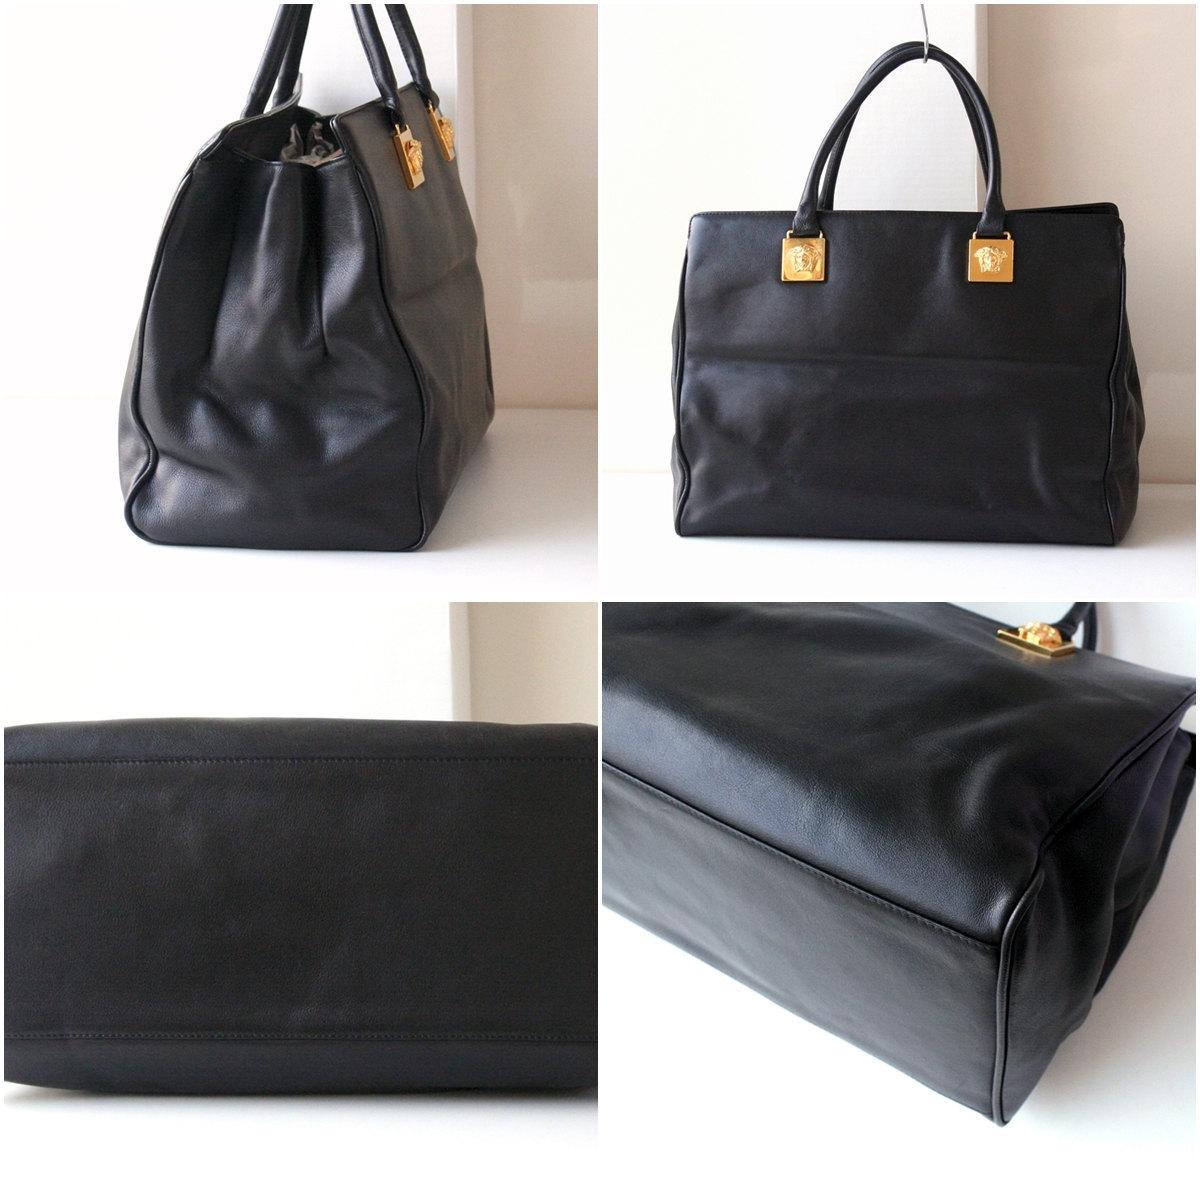 5e8492b4ba Gianni Versace bags